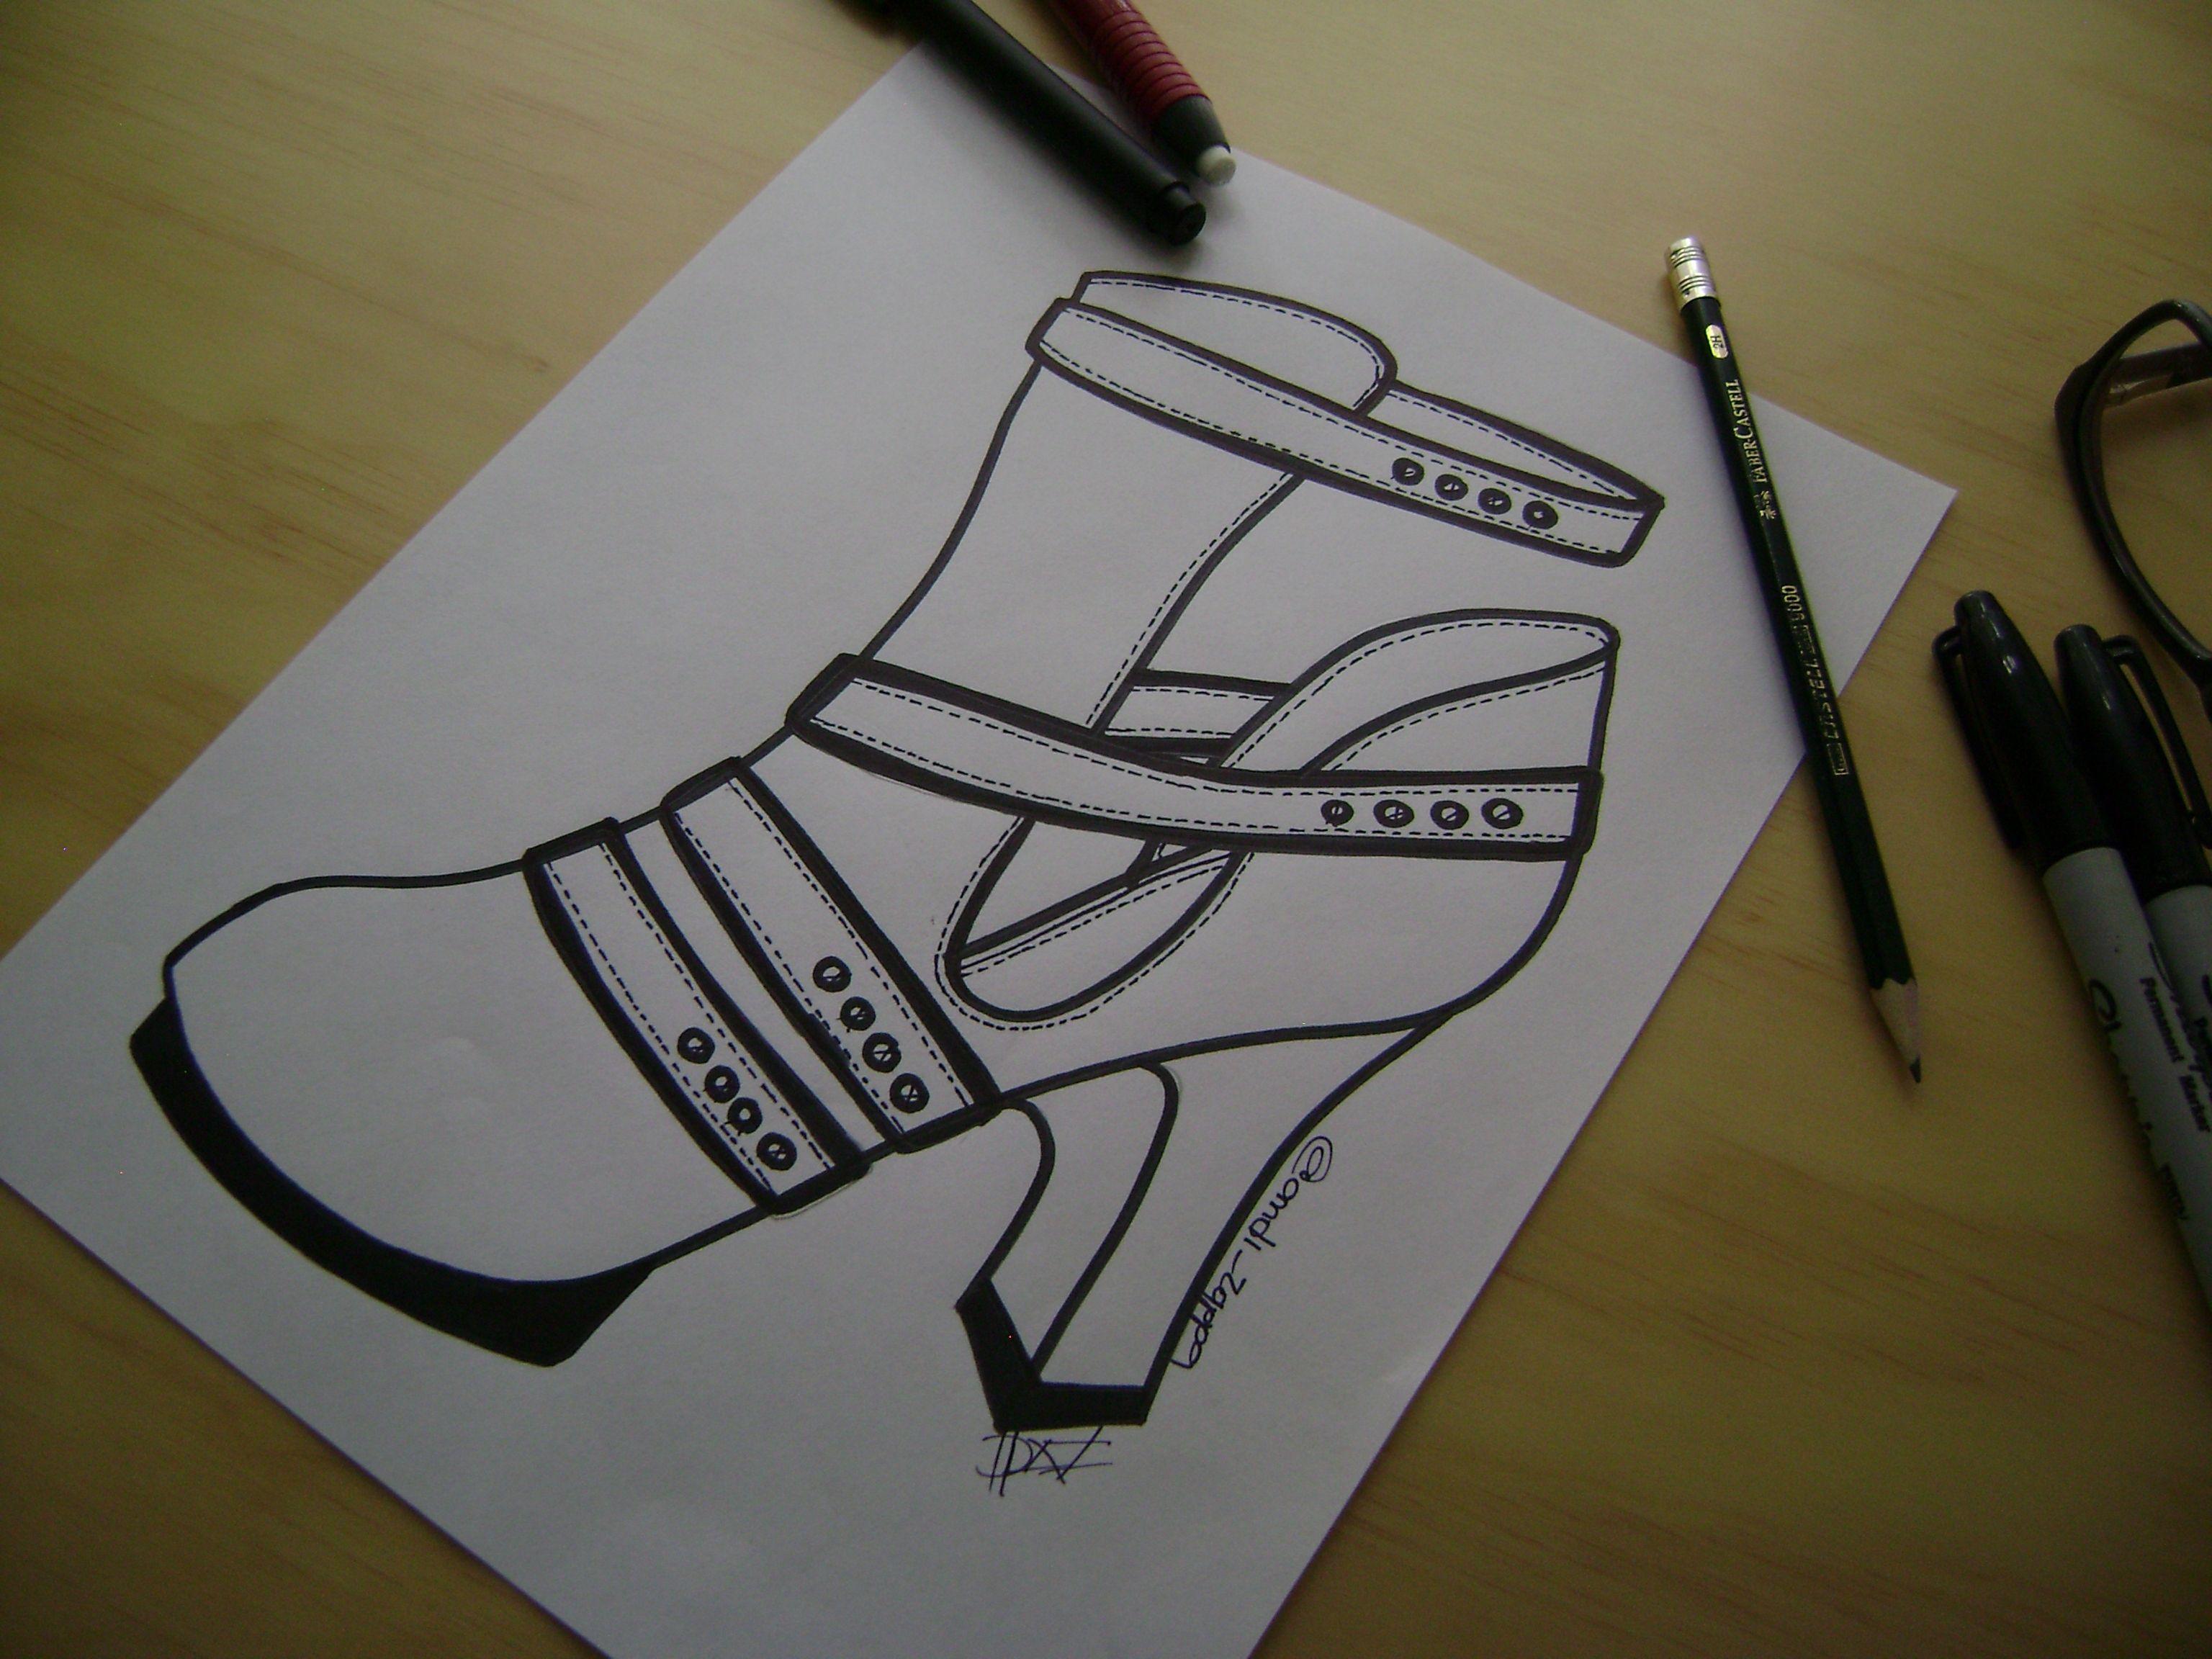 Sketching... #dazshoes1916 #diseñoandizappa #zapatos #shoes #calzado #zapatería #diseño #handmade #madeincolombia #diseñodecalzado #sketchdecalzado #sketching #illustration #ilustracion #design #sketchoftheday #shoeart #drawingshoes #dibujozapatos #shoesdraw #shoedesigner #fashiondesigner #fashionillustration #footweardesigner #shoeillustration #medellin #comprocolombiano #footweardesign #shoesketch https://www.facebook.com/DAZ-Shoes1916-349377852081204/ @andi_zappa @Andi_Zappa